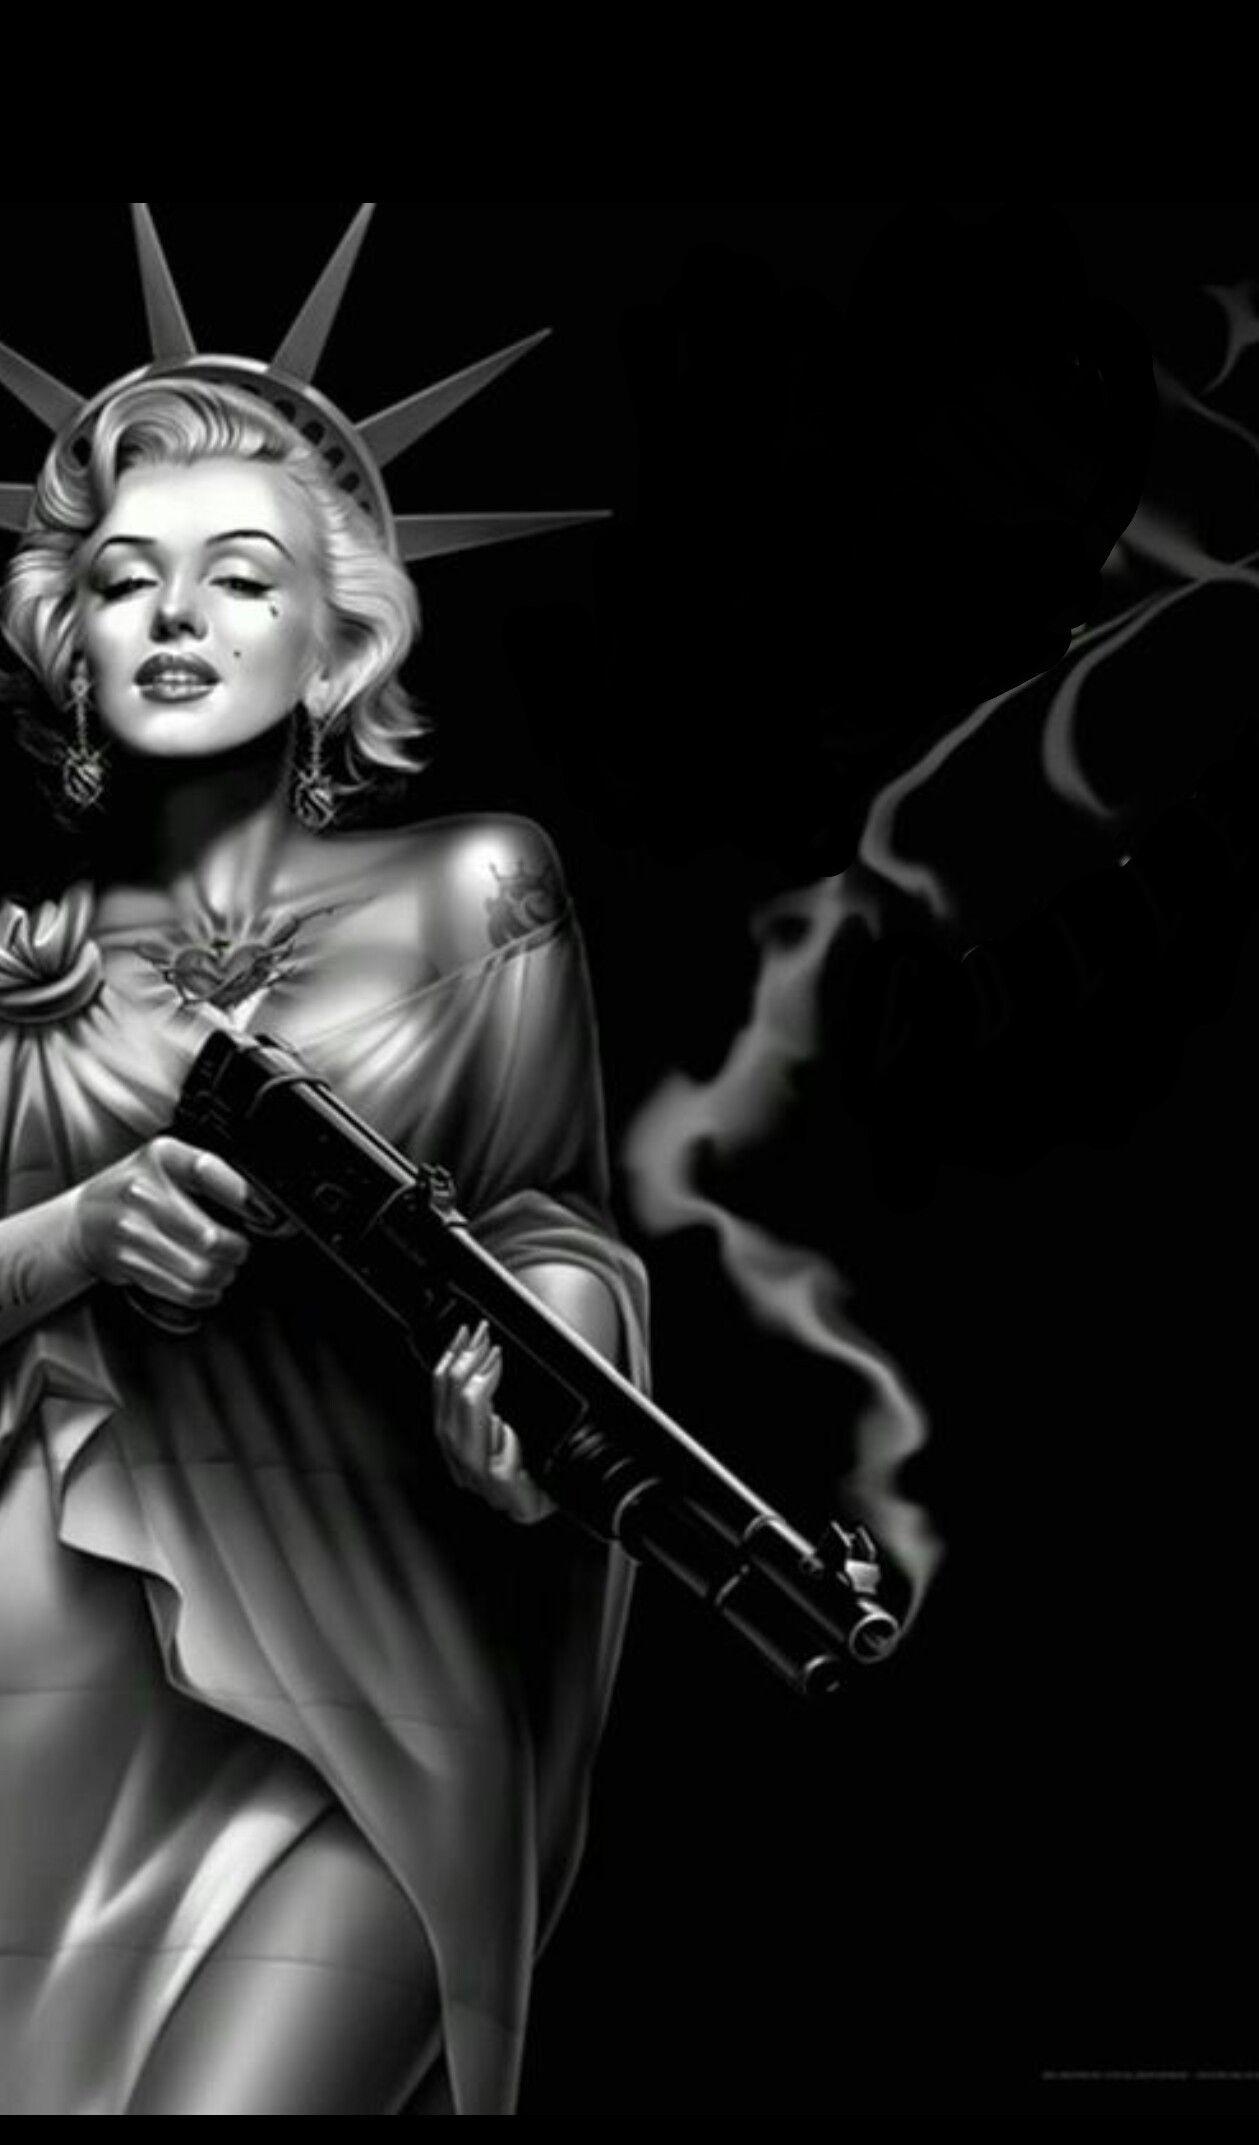 Tattooed Marilyn Monroe Wallpaper